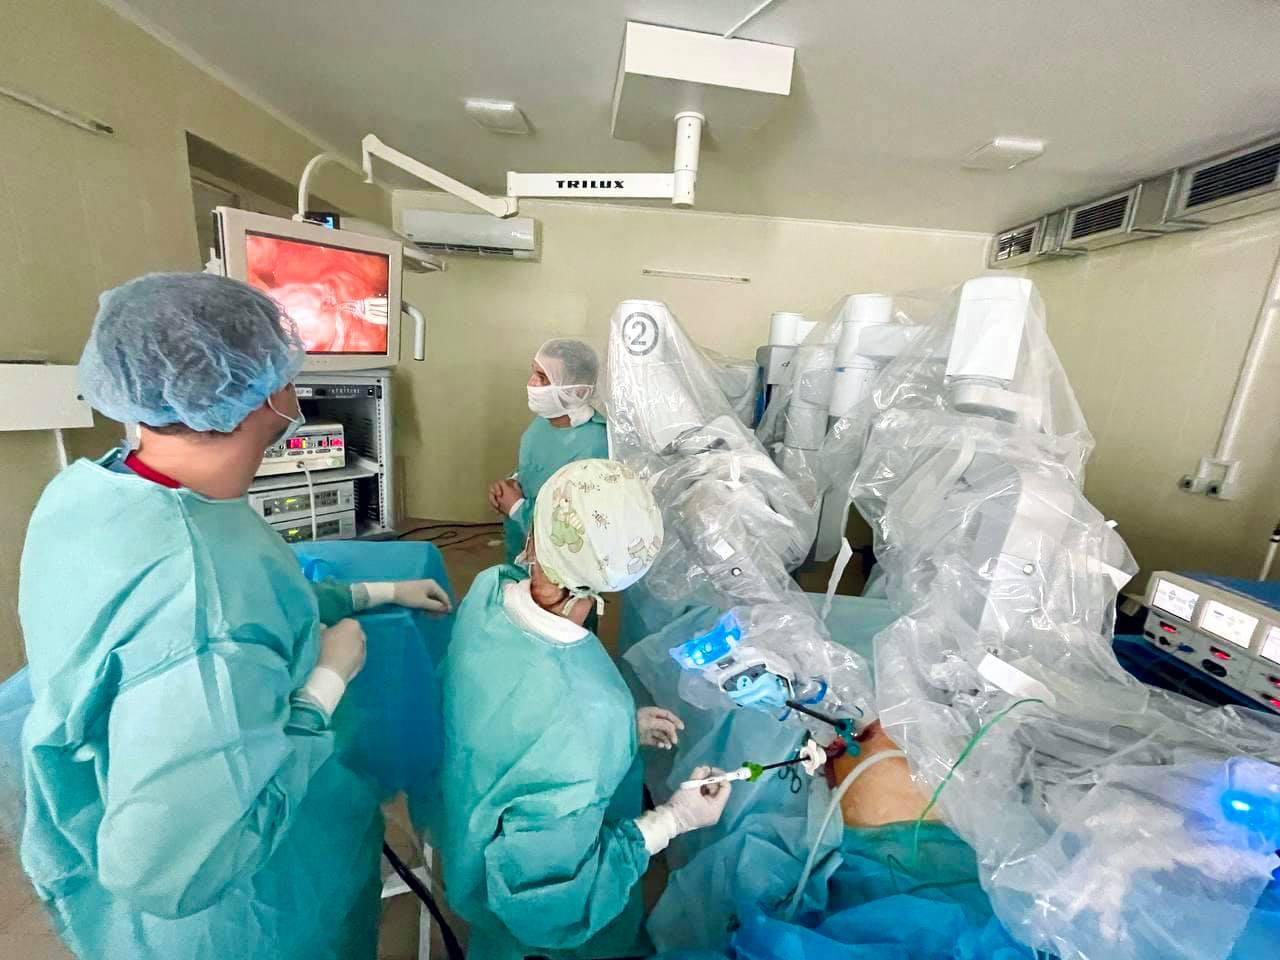 У Львові робот допоміг медикам виконати гінекологічну операцію (ФОТО)